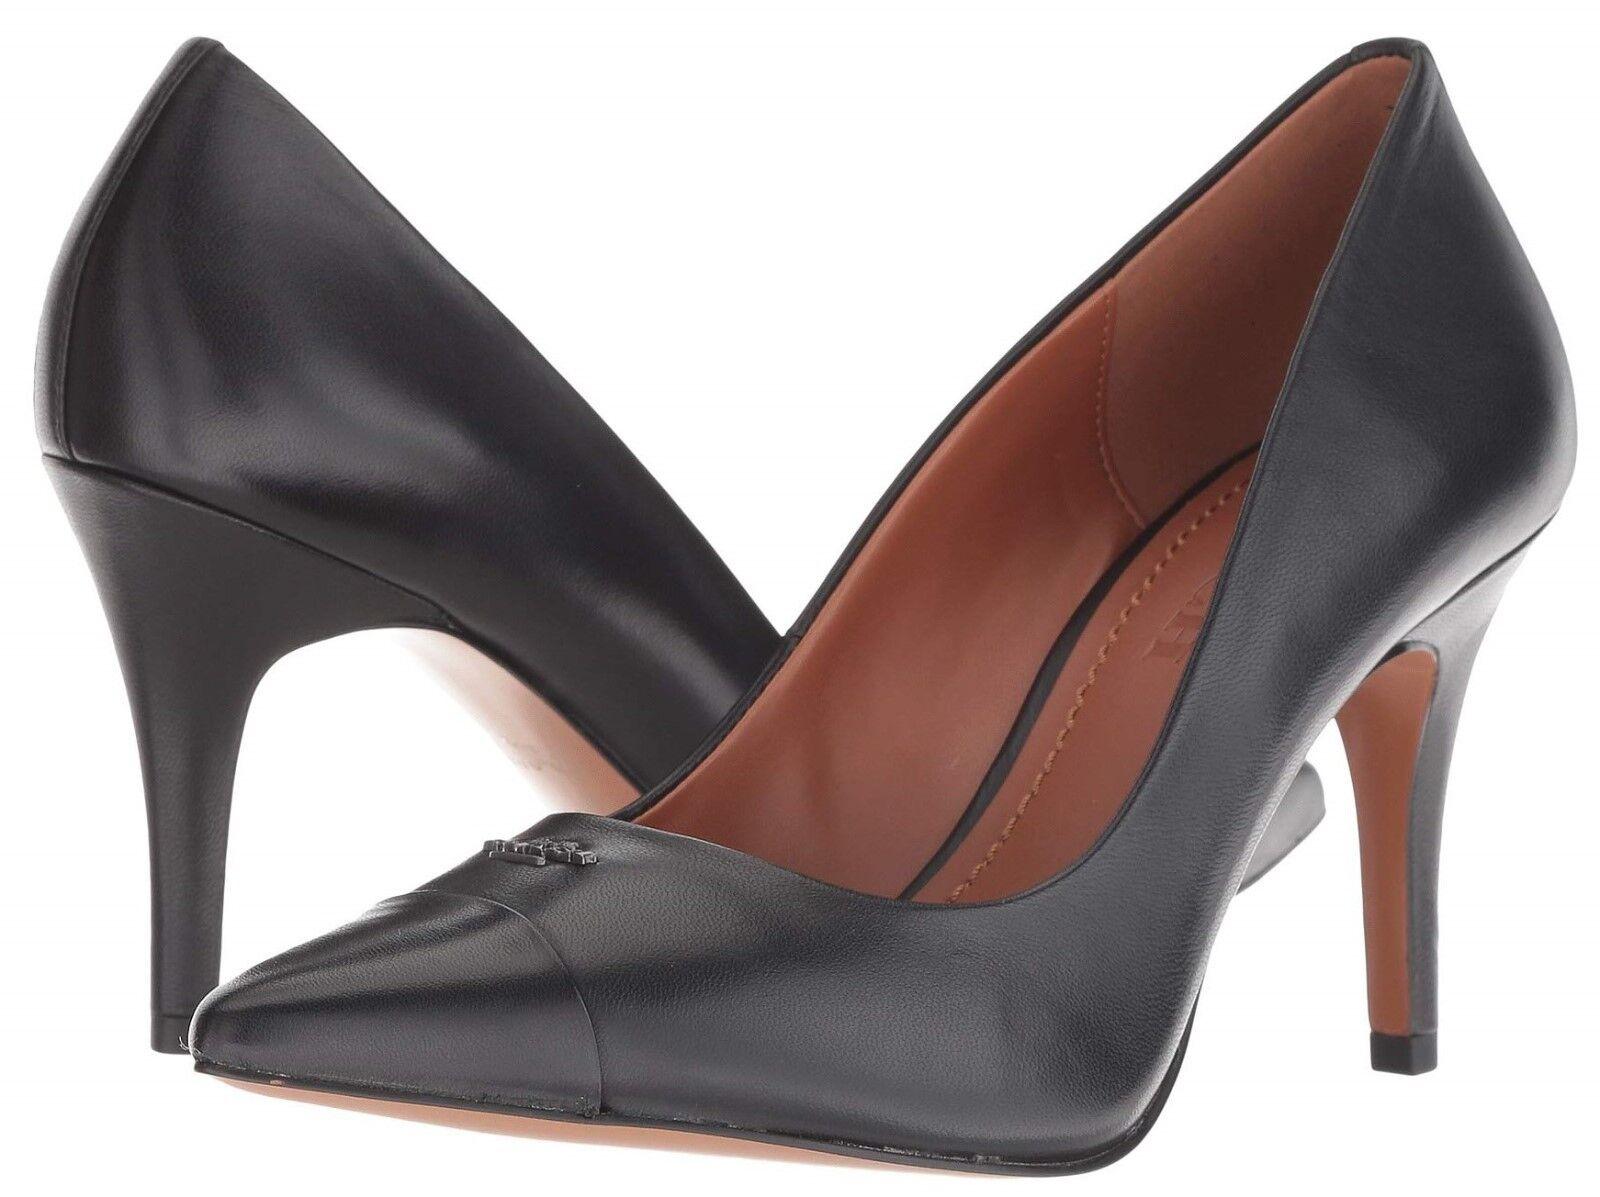 Bomba De Cuero Mujer entrenador Patrice Para Mujer Cuero Zapatos De Salón Tacones Informal Vestido Clásico Nuevo en Caja a6f06e